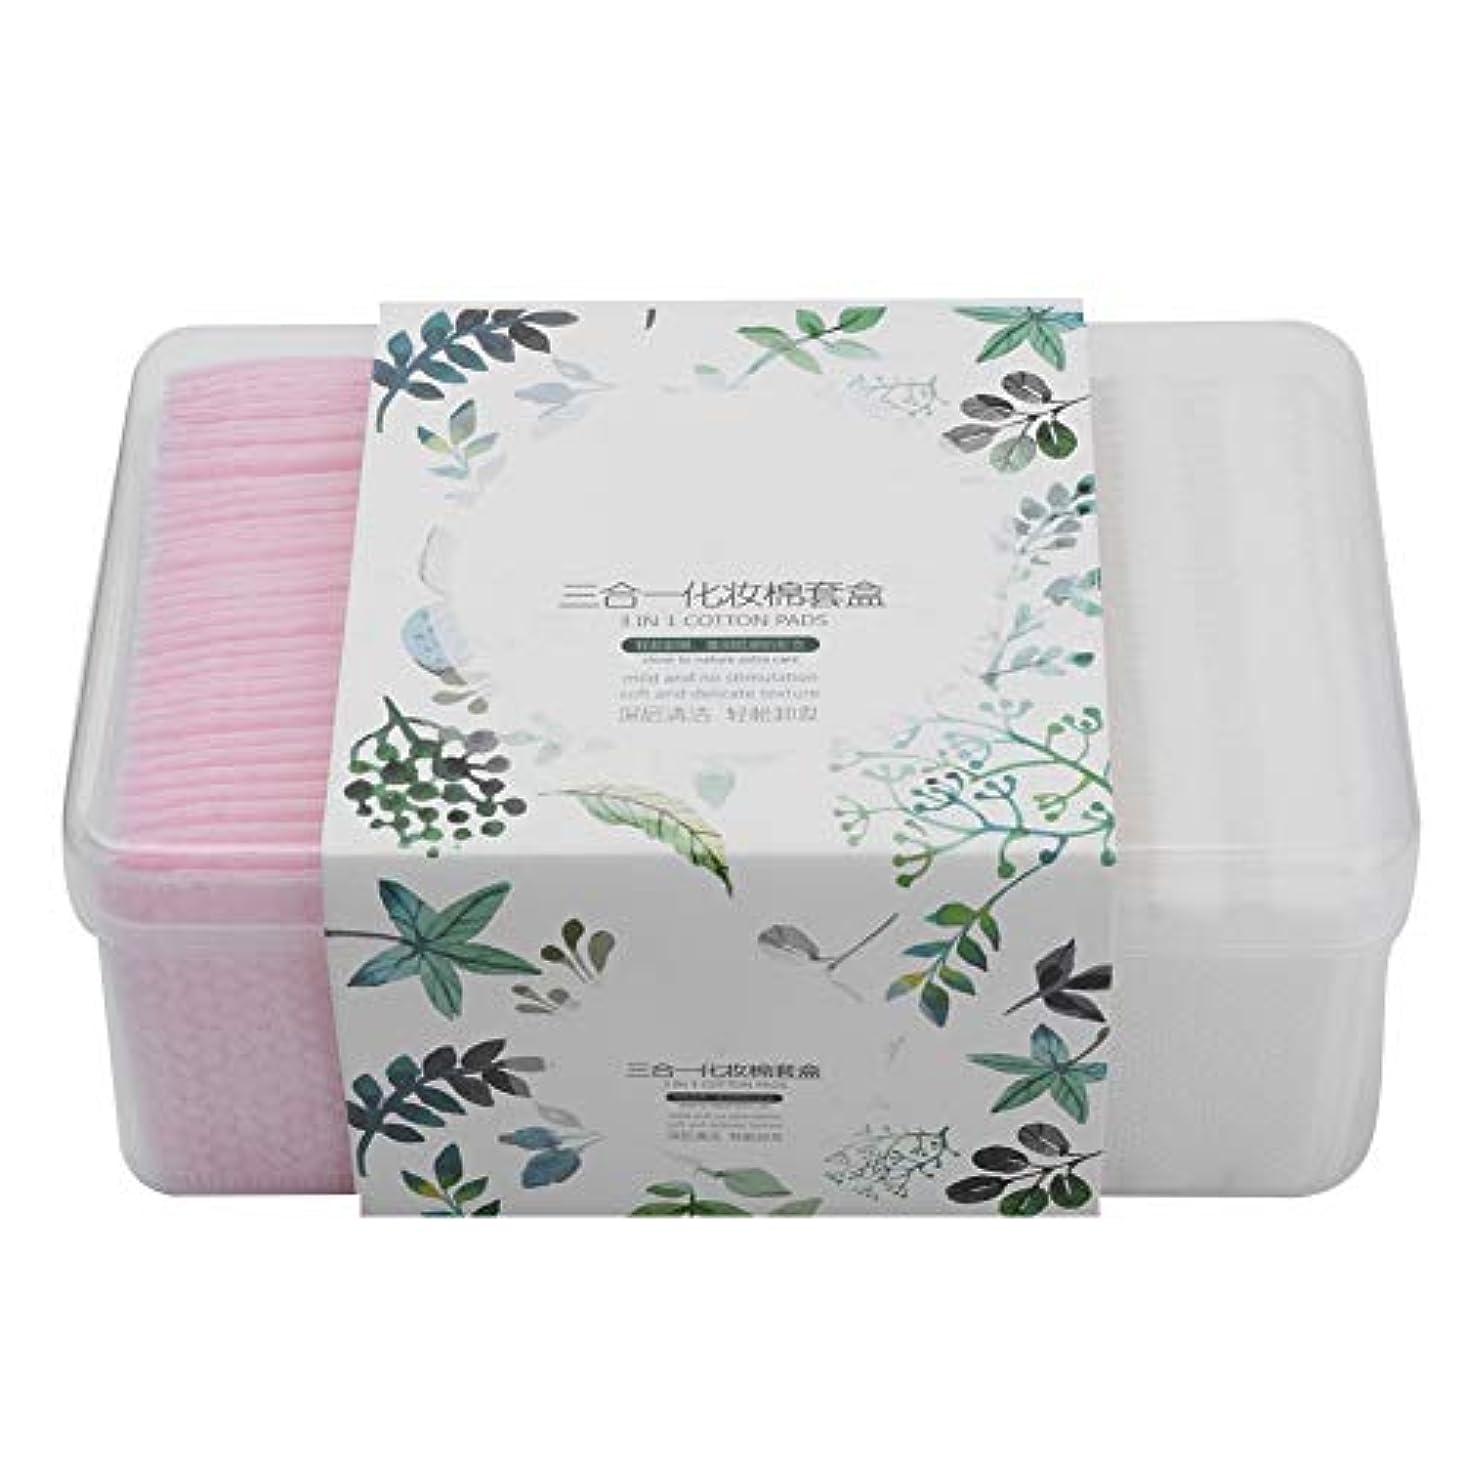 準備する高齢者カップル280Pcs /箱の構造の綿パッド、スキンケアの構造の除去剤のための顔の清潔になる綿および他の事は拭きます